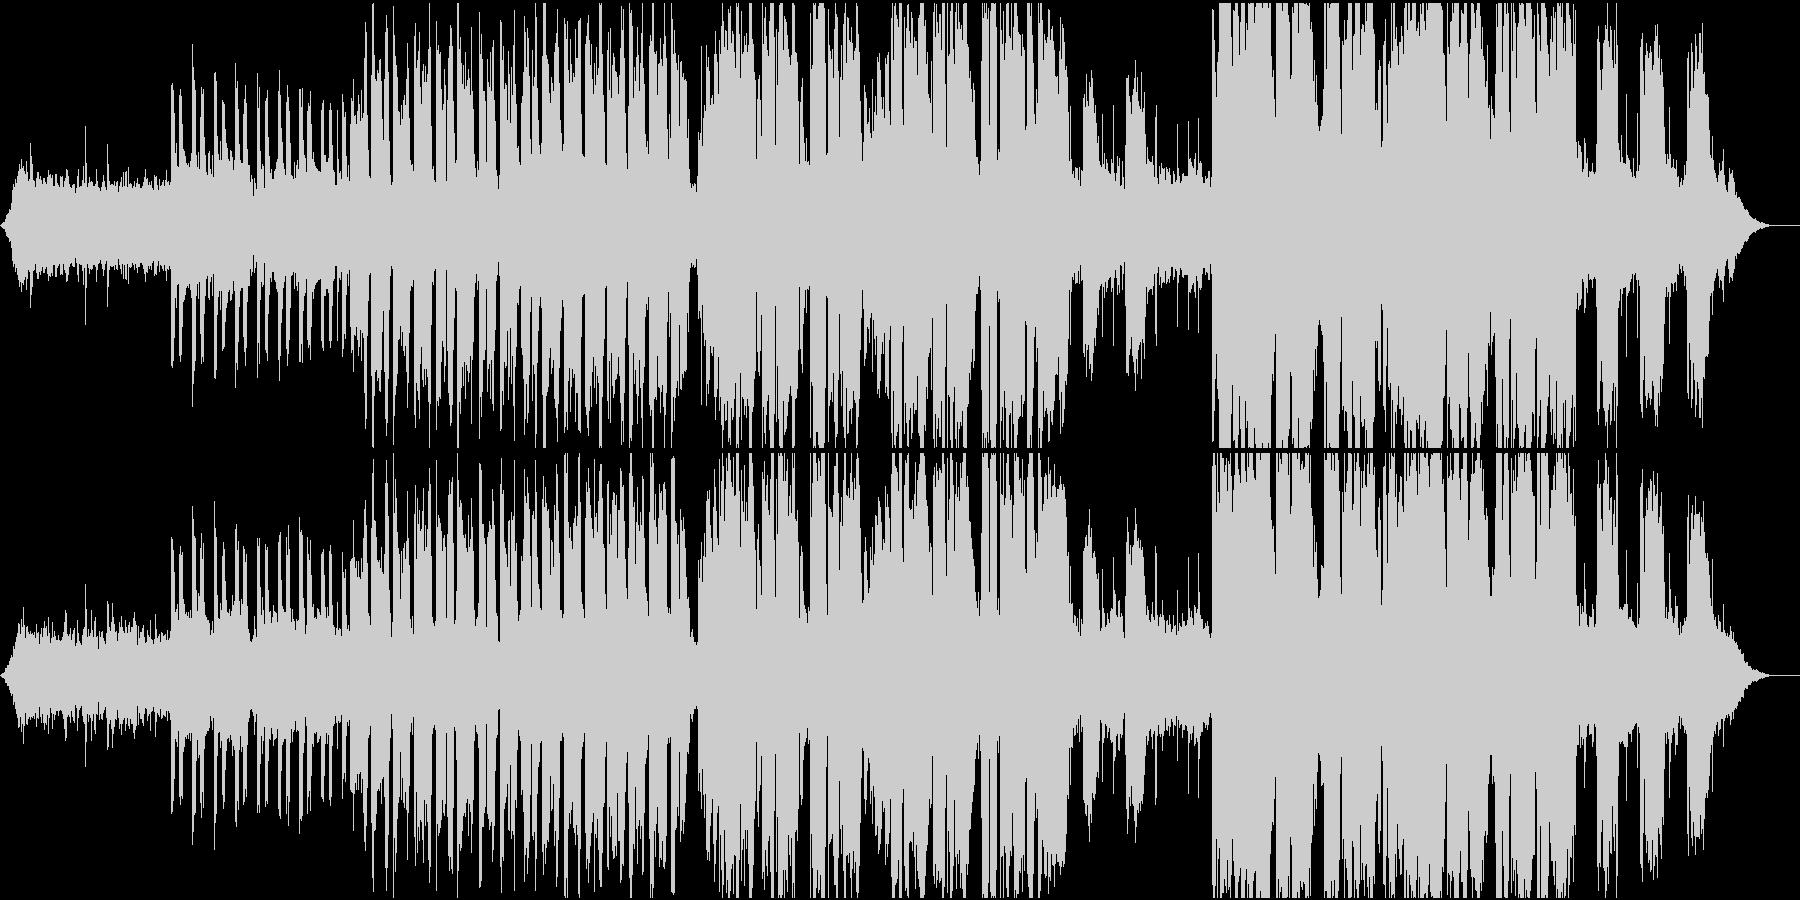 ヒーリング効果・安眠効果・癒しのバラードの未再生の波形